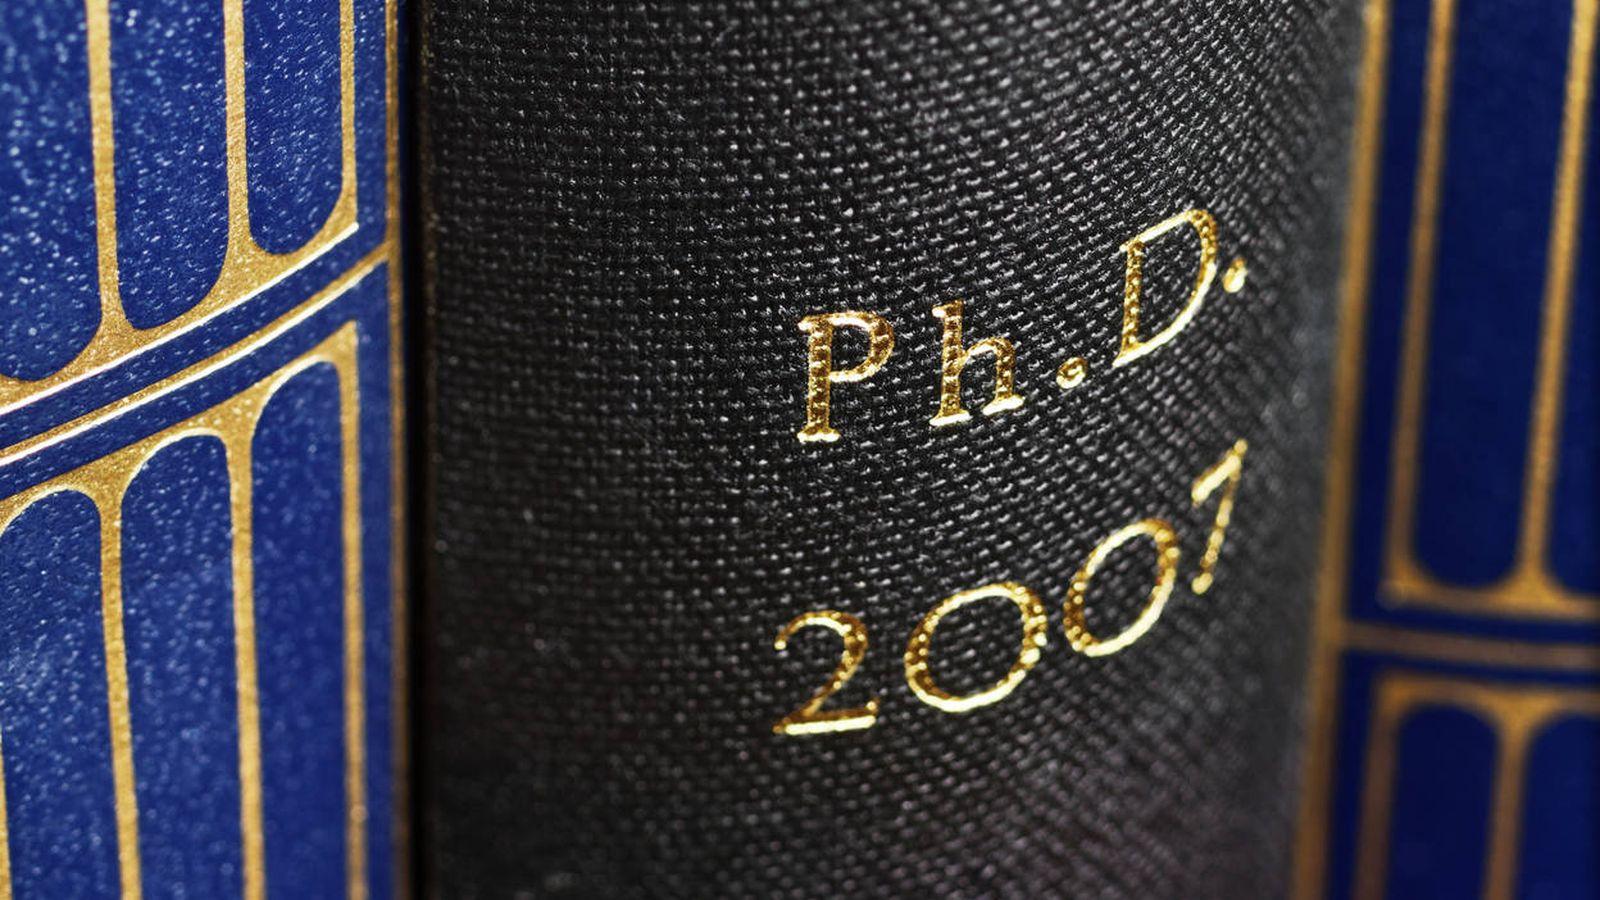 Foto: Una tesis de 2007, en el año 13 después de la popularización de internet. (iStock)